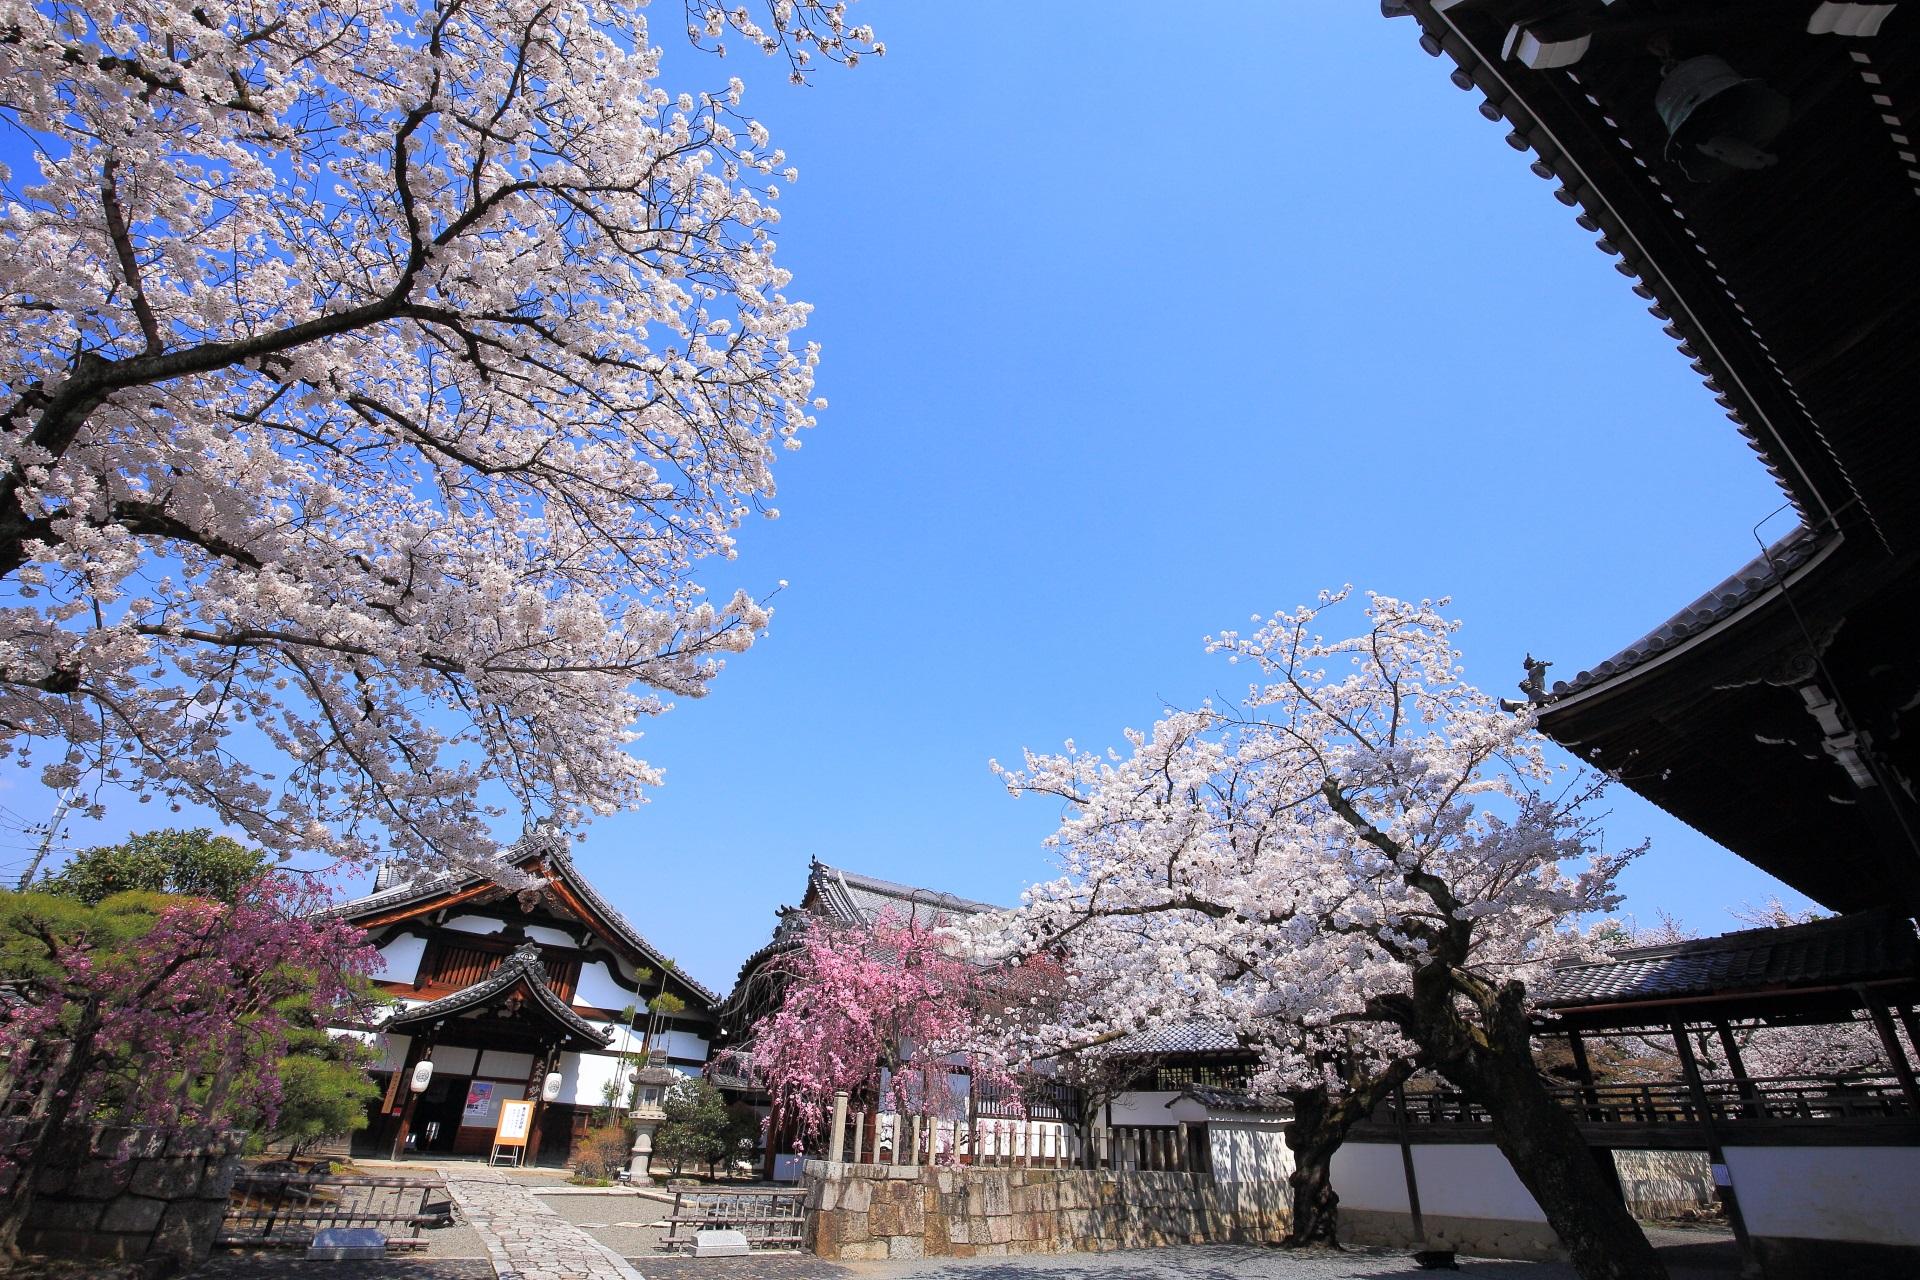 妙顕寺の煌く桜